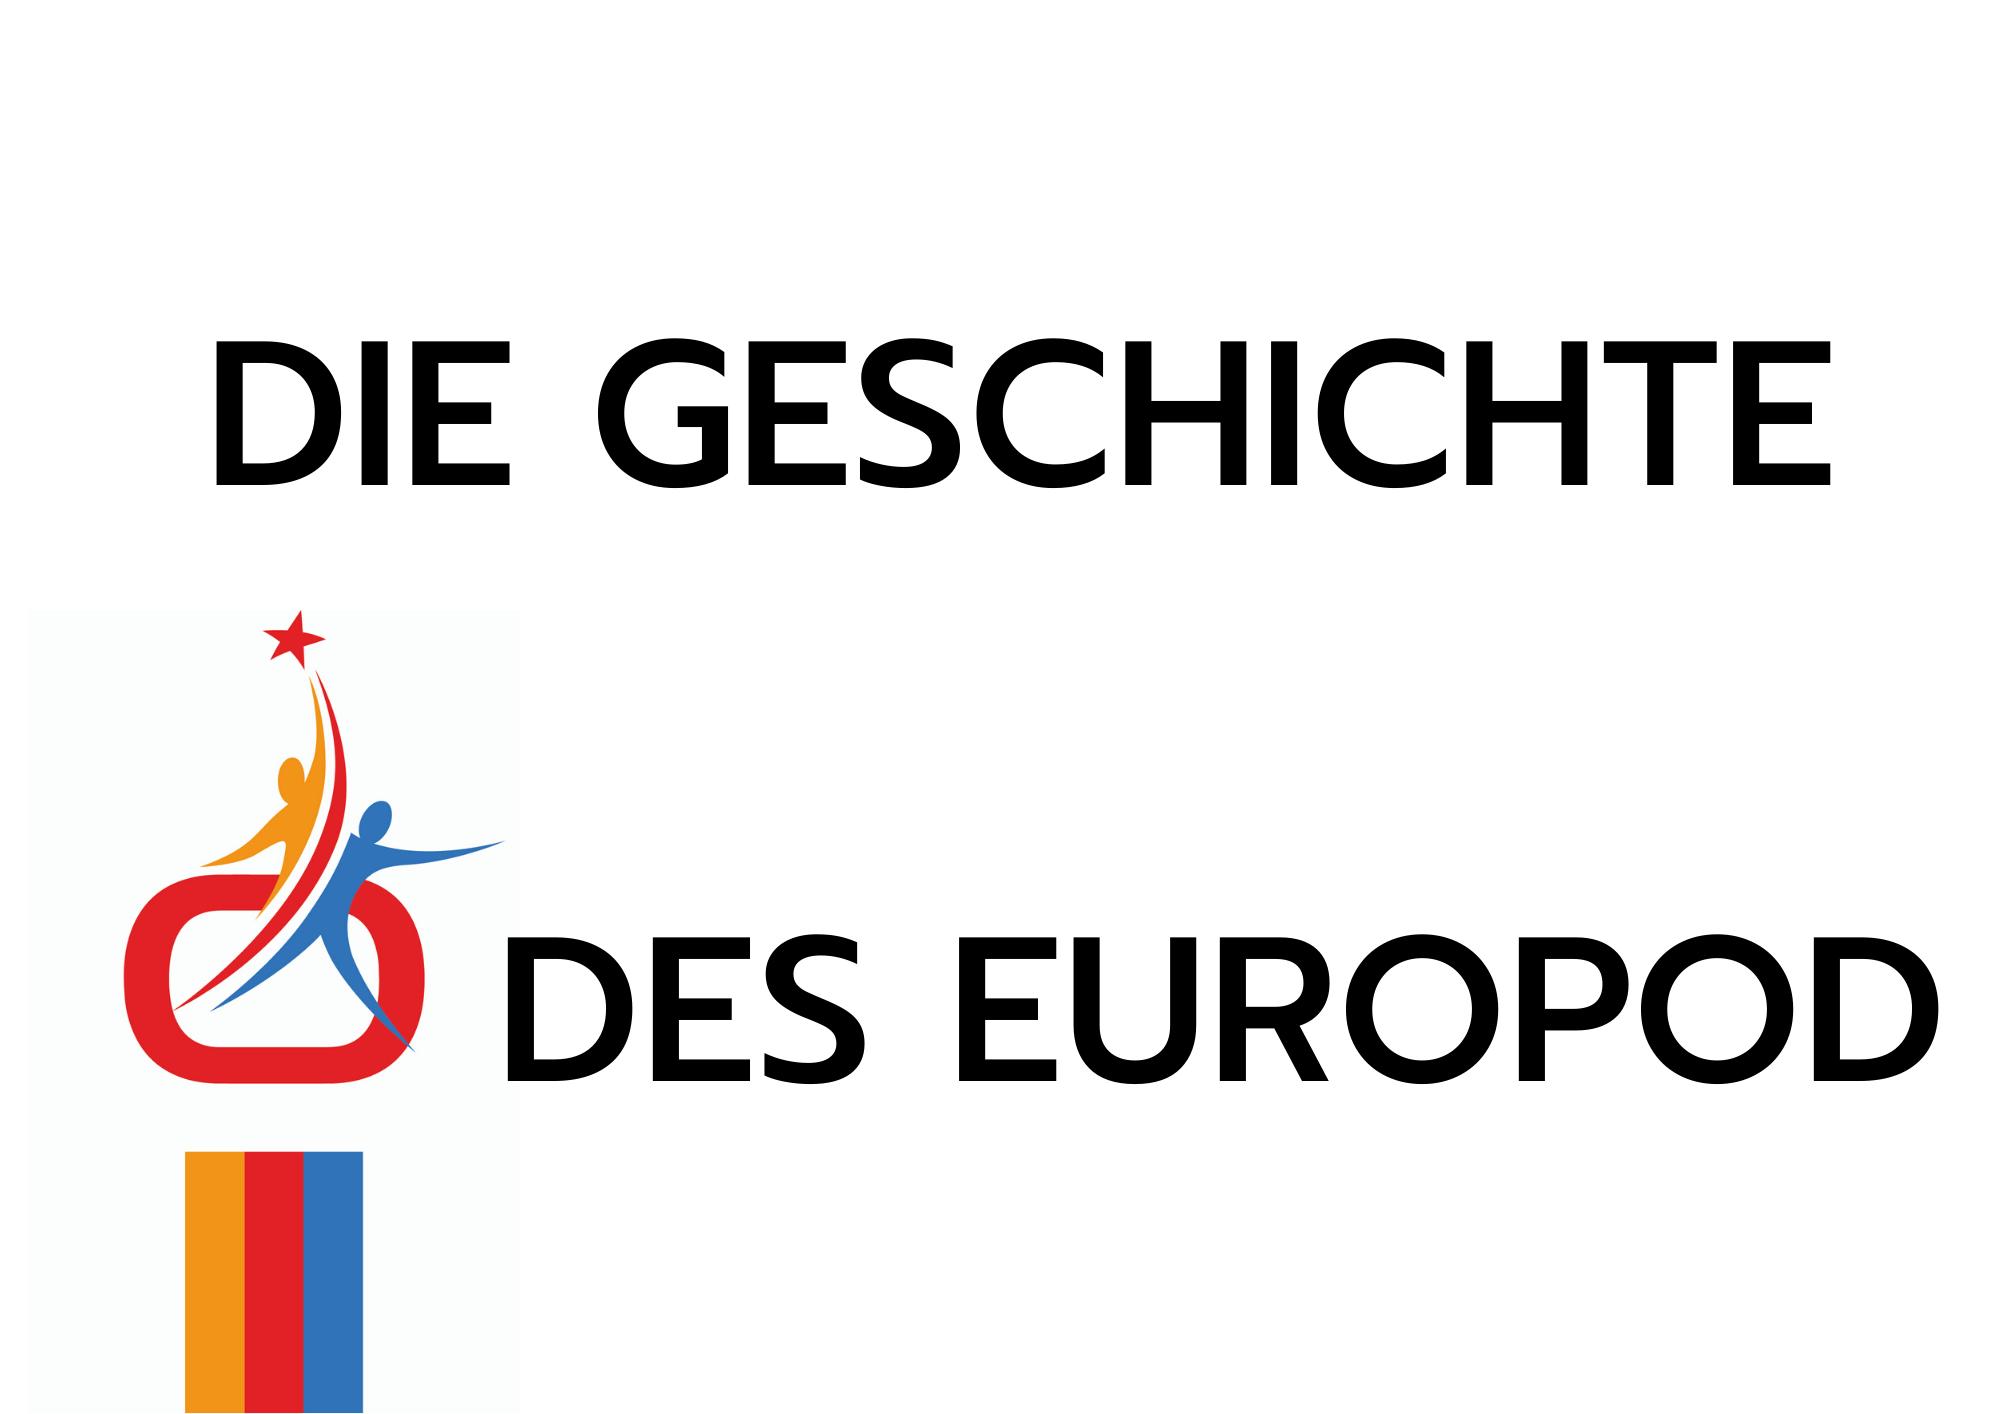 Site web Europod Histoire en allemand